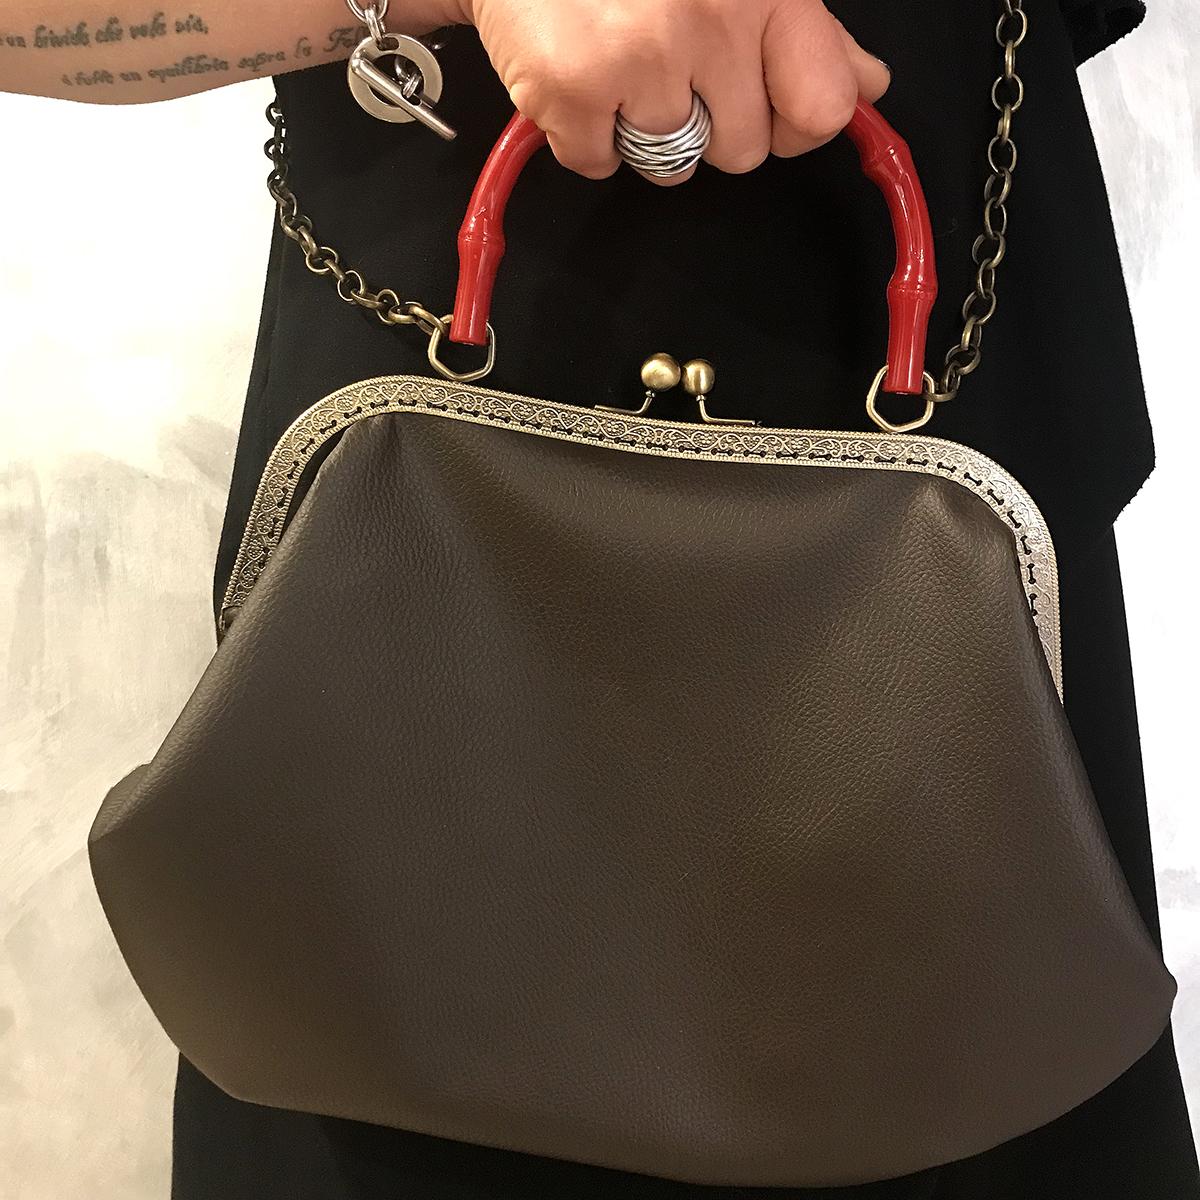 mini-bag-let-bags-frida-stoffa-pelle-artigianato-femminile-accessori-moda-crazy-art-torino